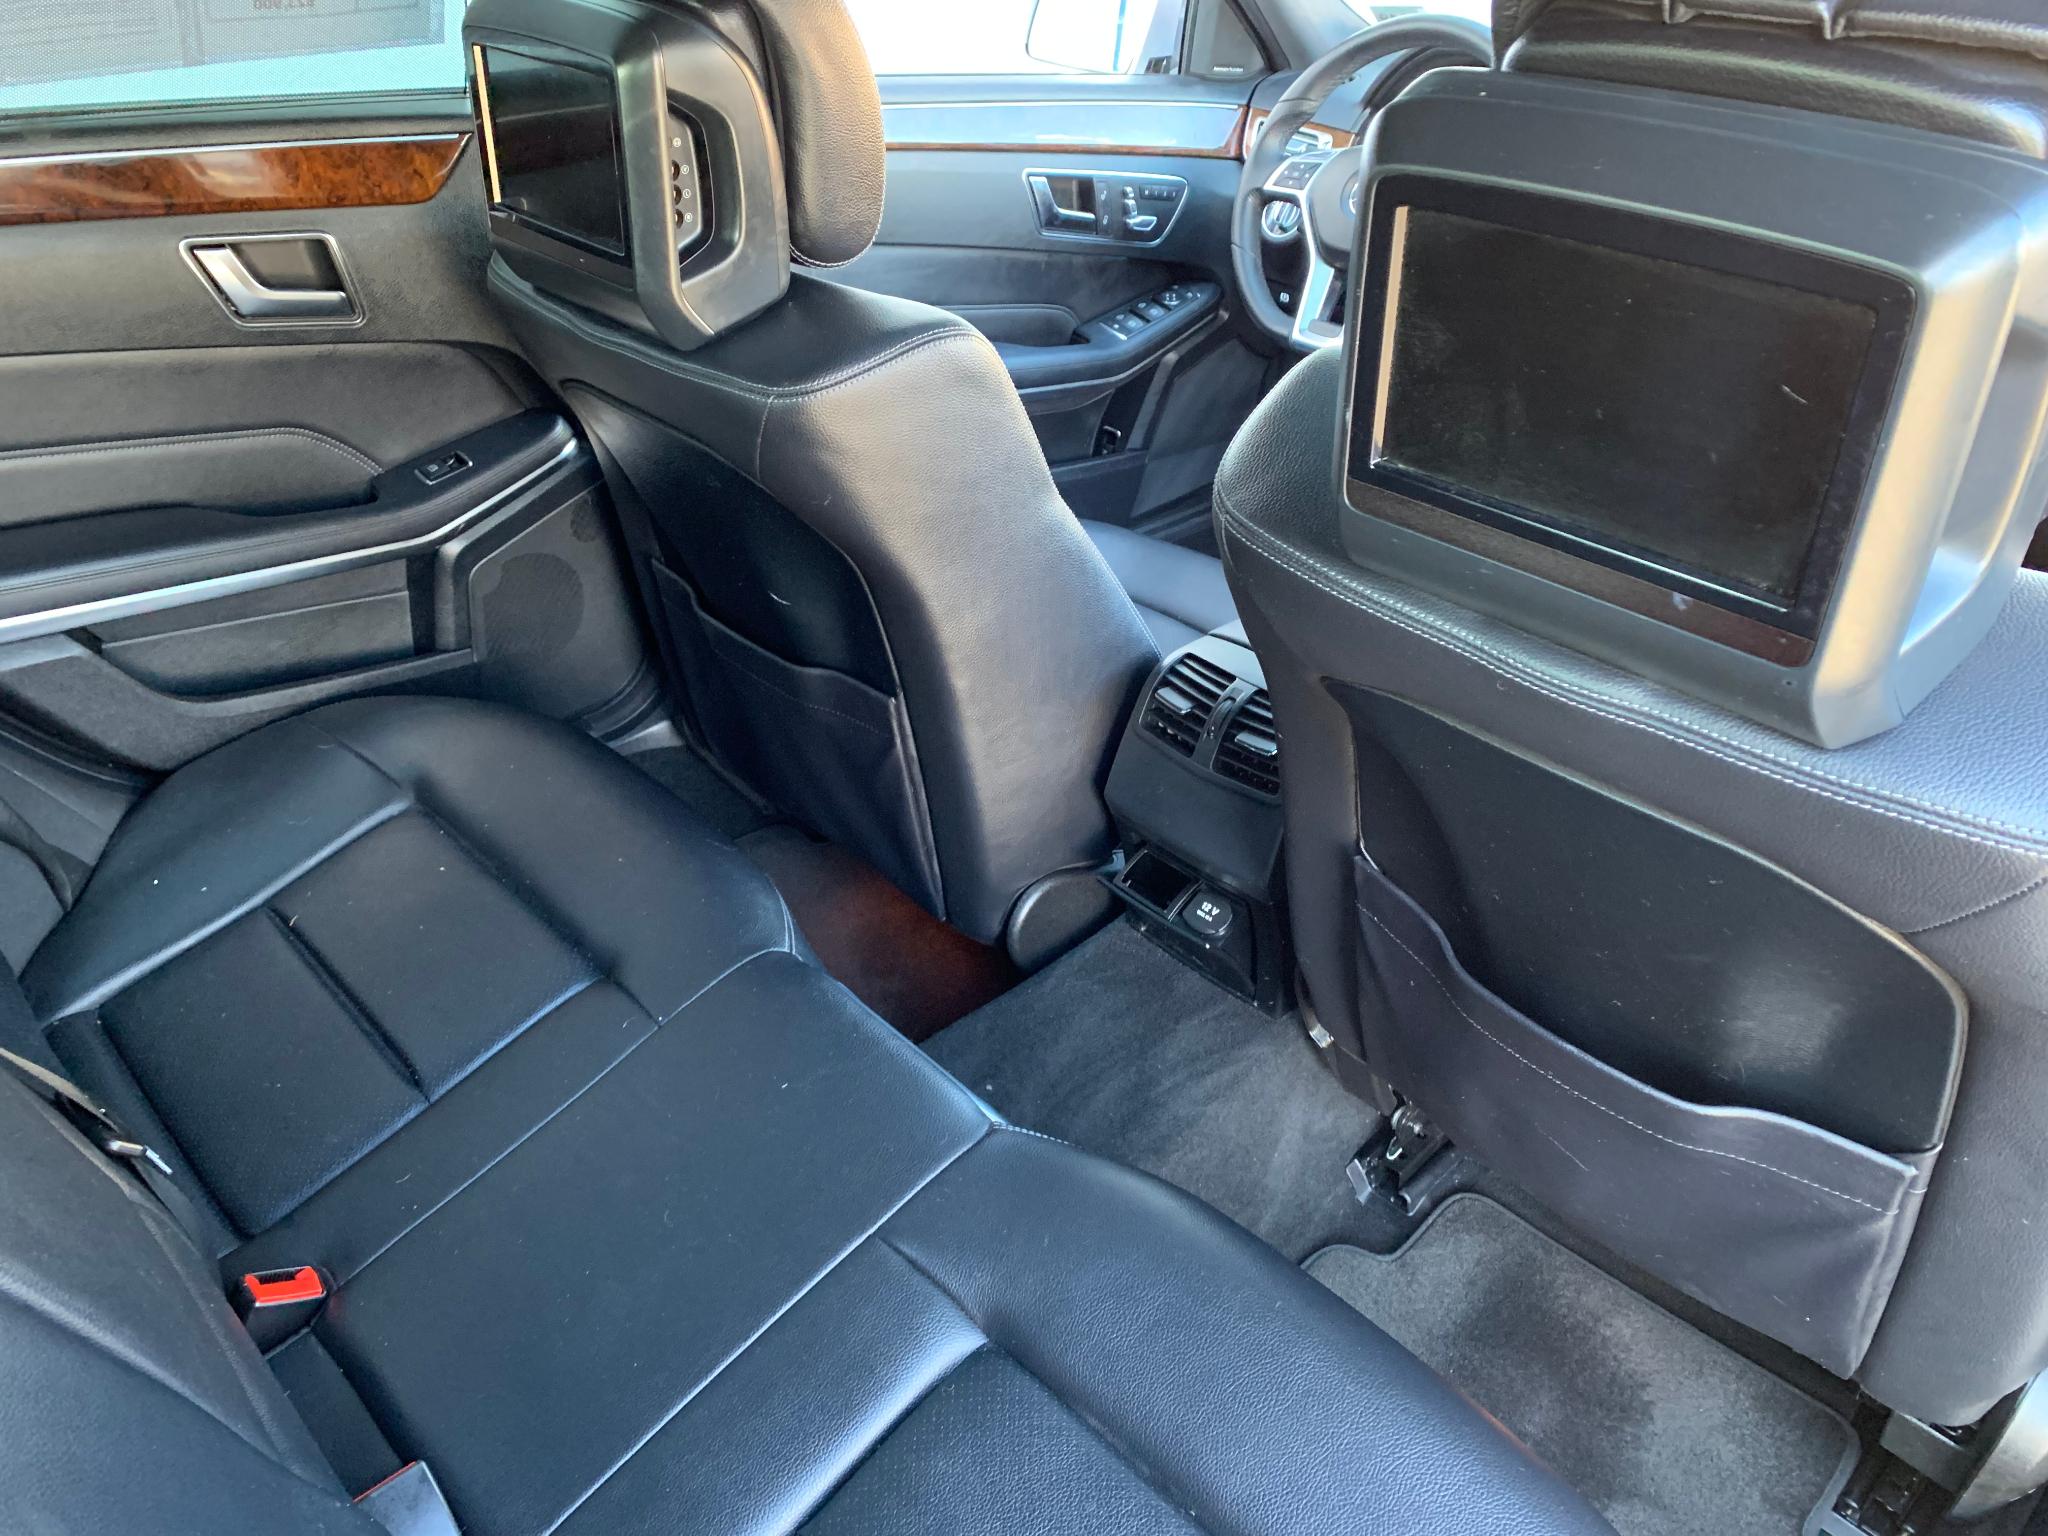 2014 Diamond Silver Metallic Mercedes-Benz E350 - Axis Group